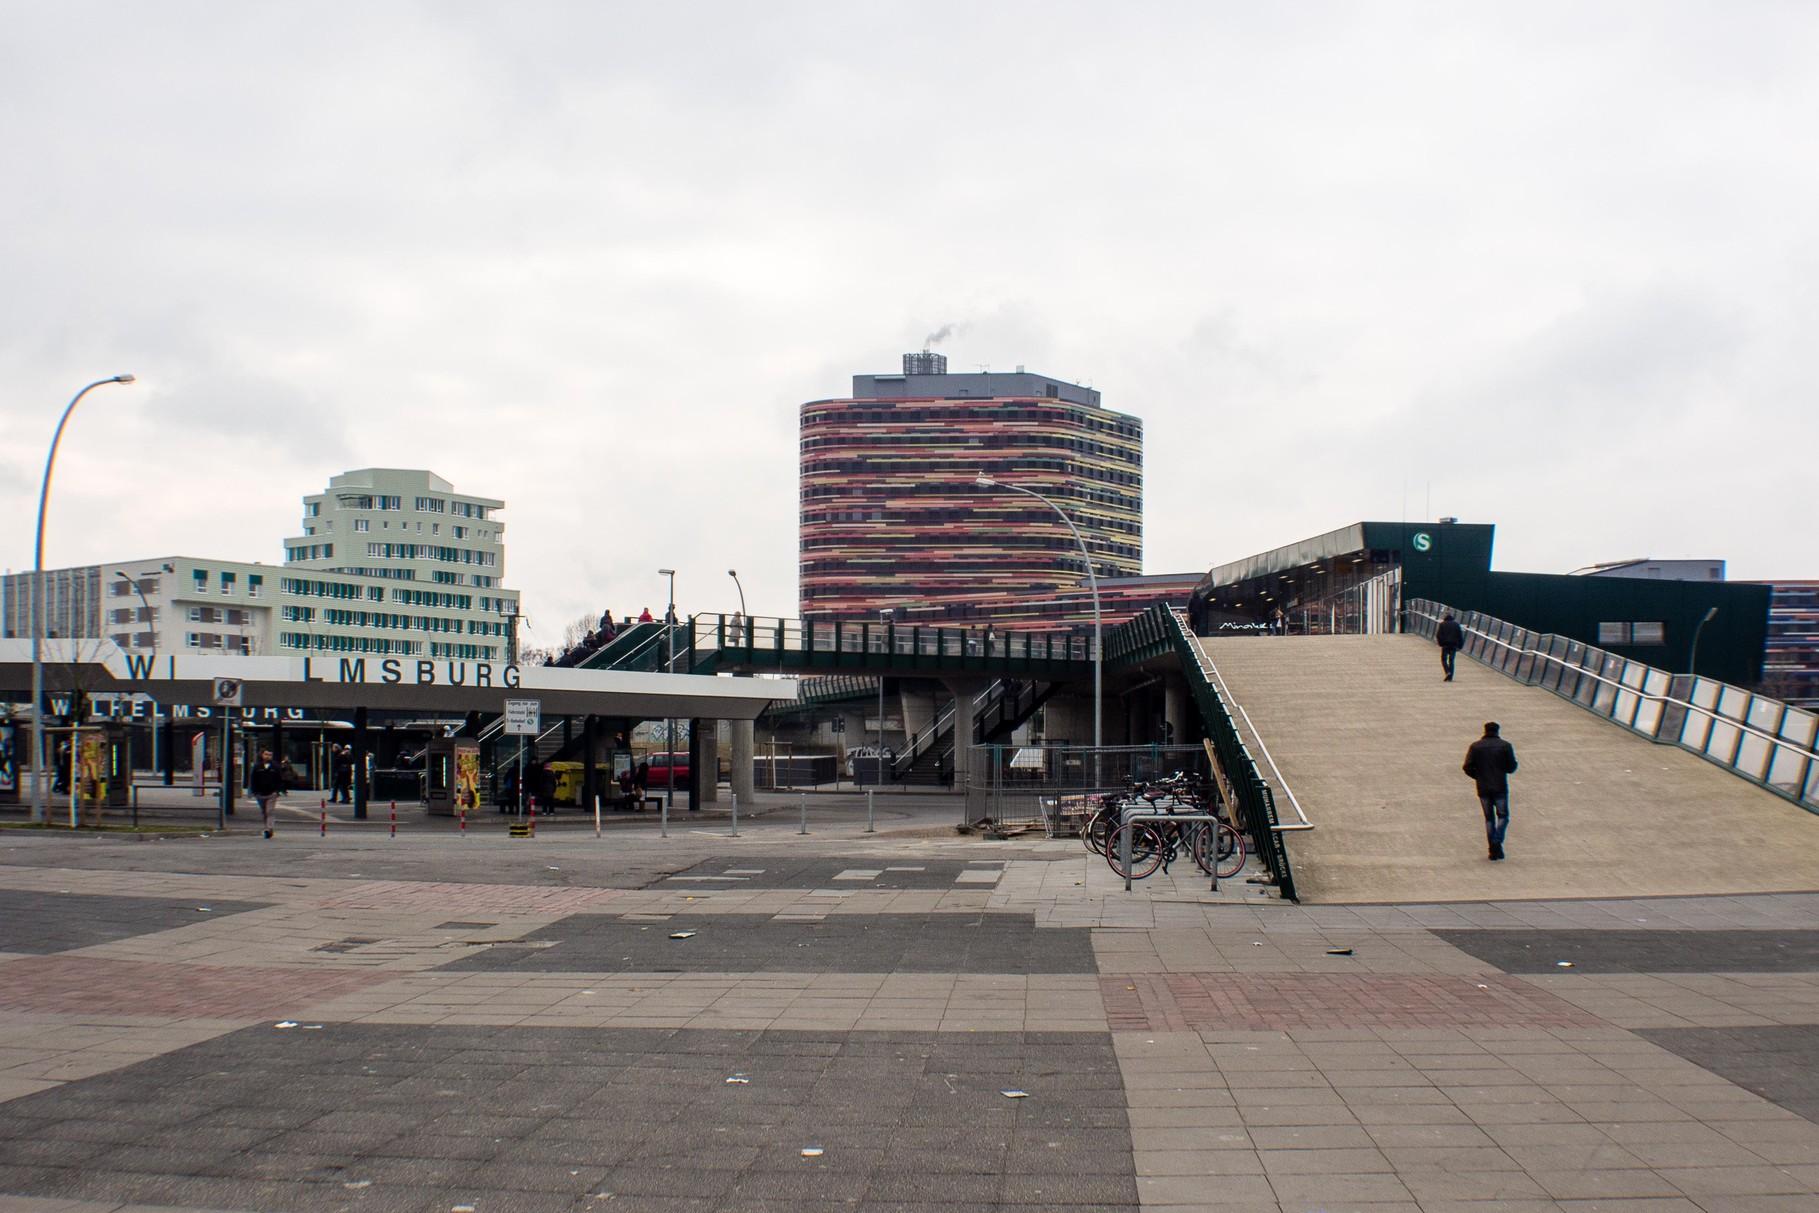 S Bahnhof Wilhelmsburg und Fußgängerbrücke